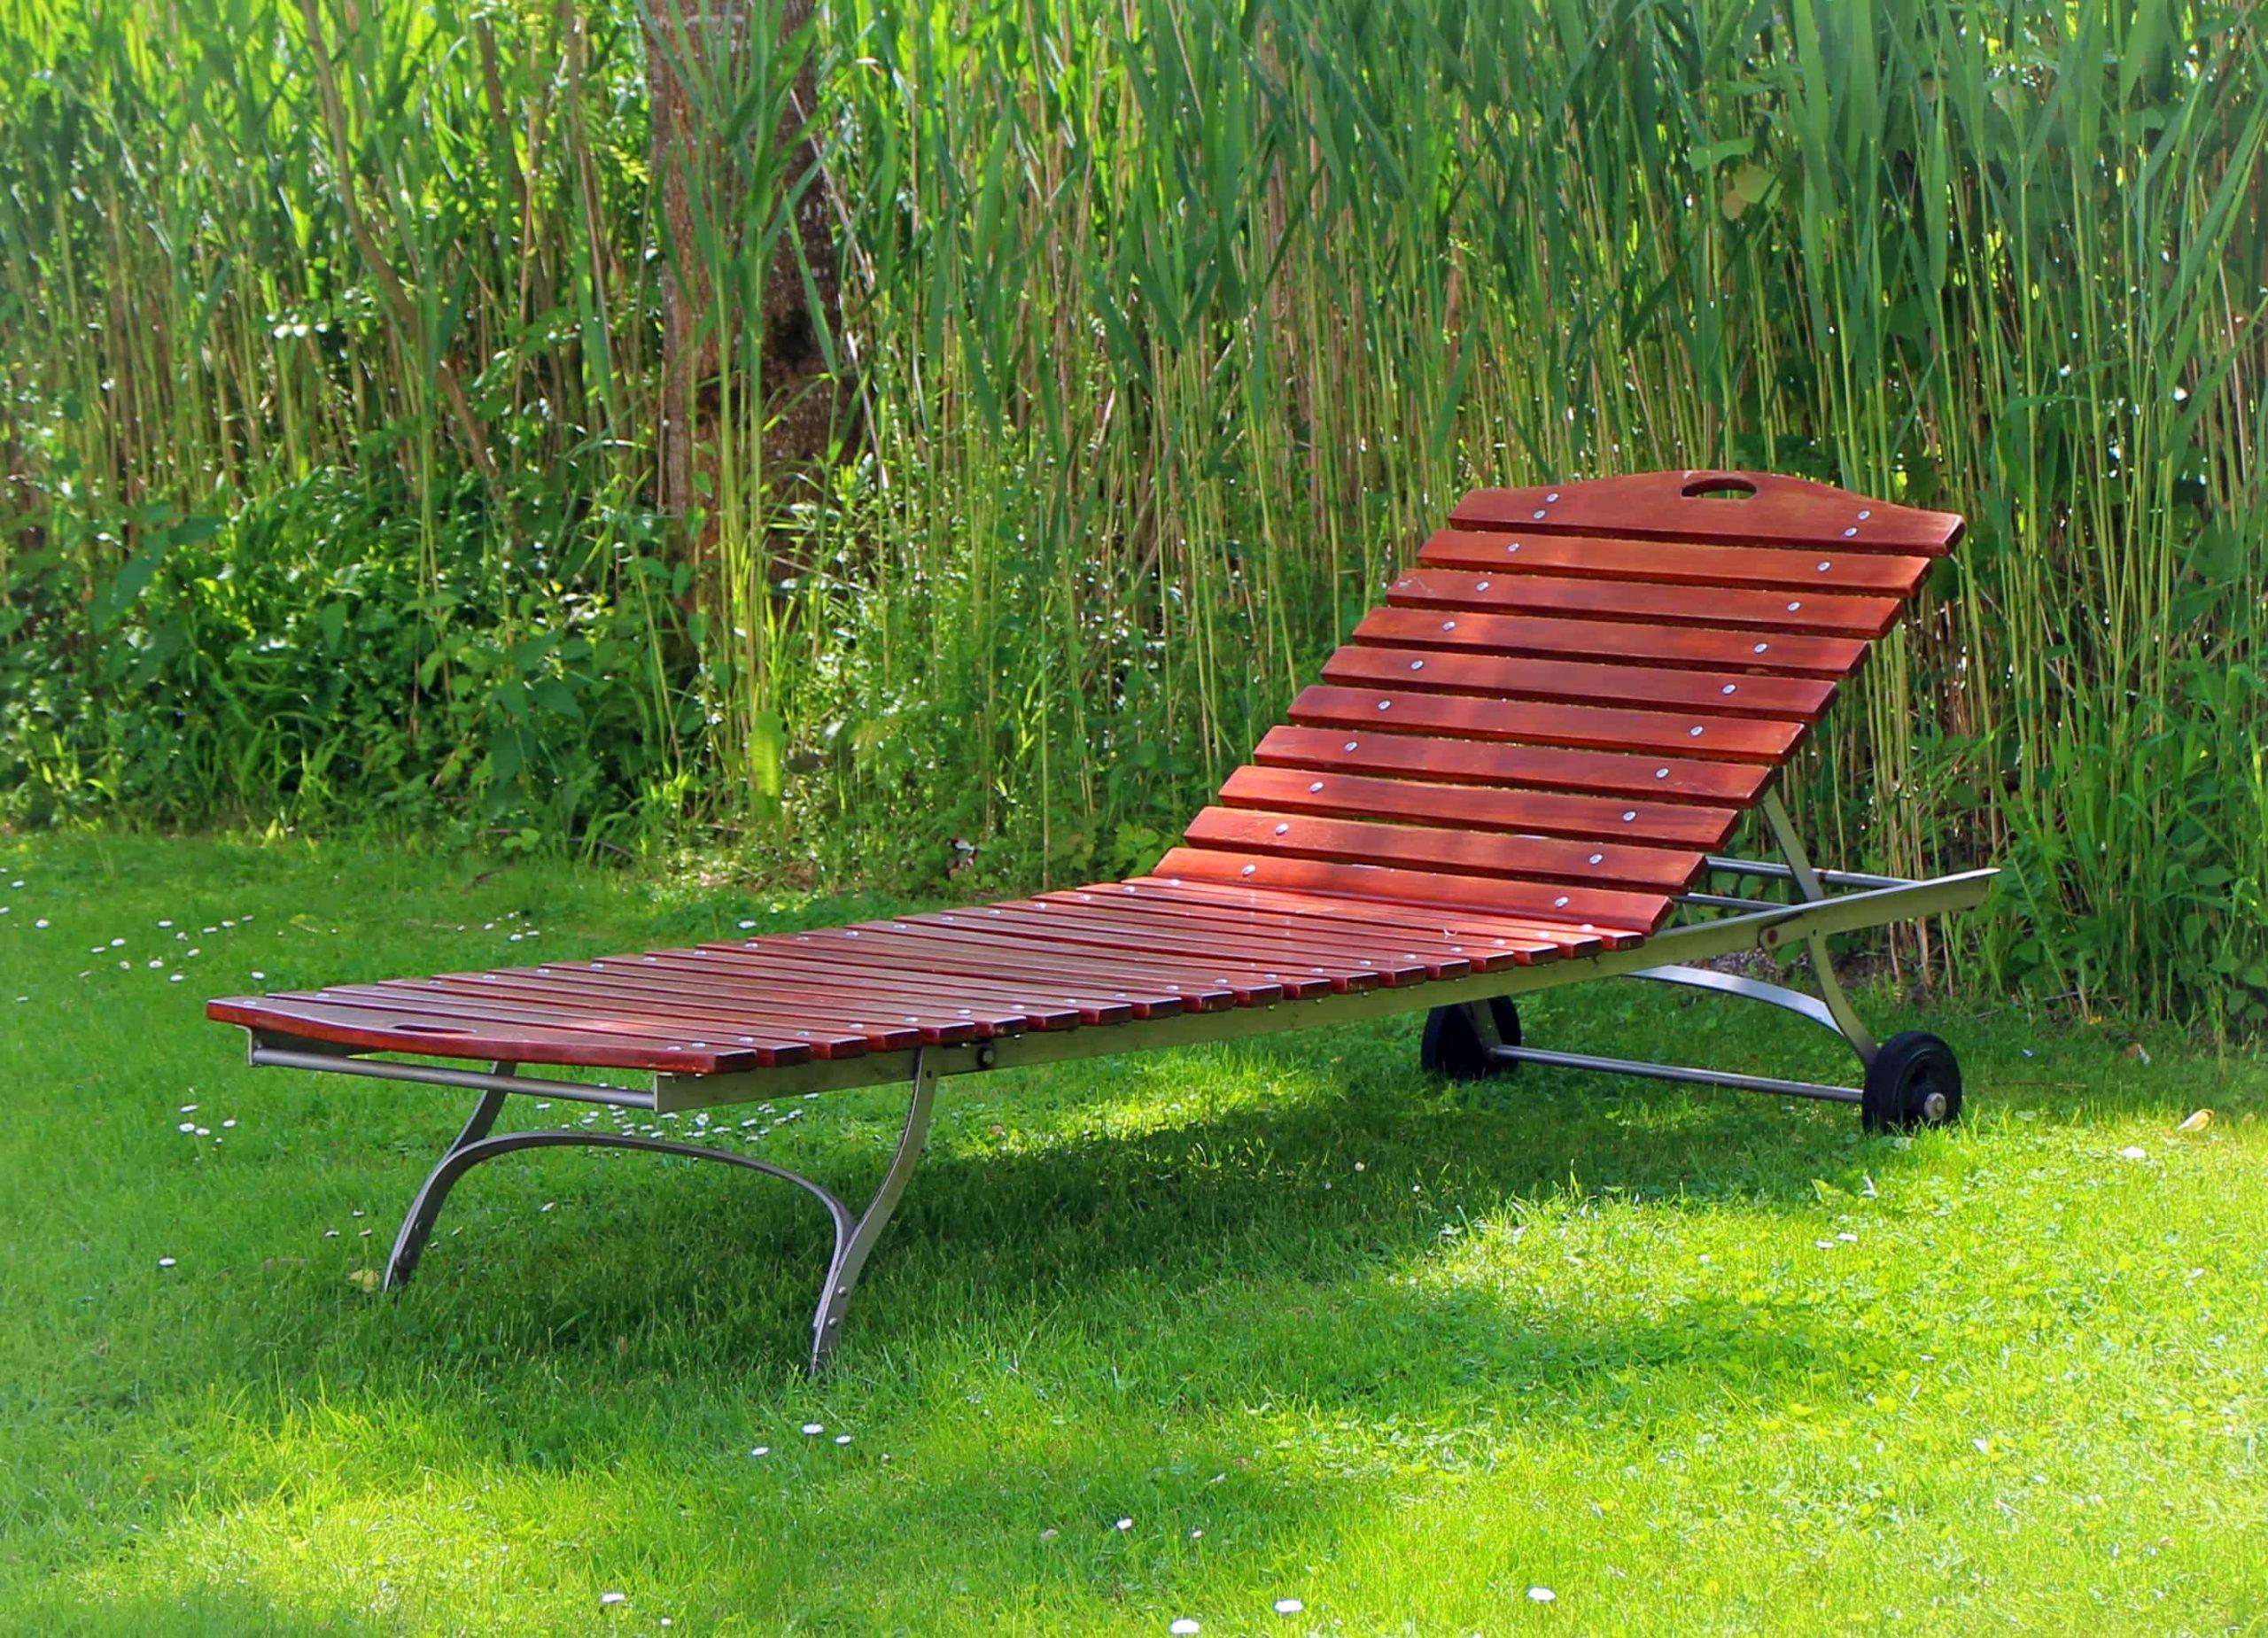 Full Size of Gartenliege Schaukel Test Empfehlungen 04 20 Gartenbook Schaukelstuhl Garten Für Kinderschaukel Wohnzimmer Gartenliege Schaukel